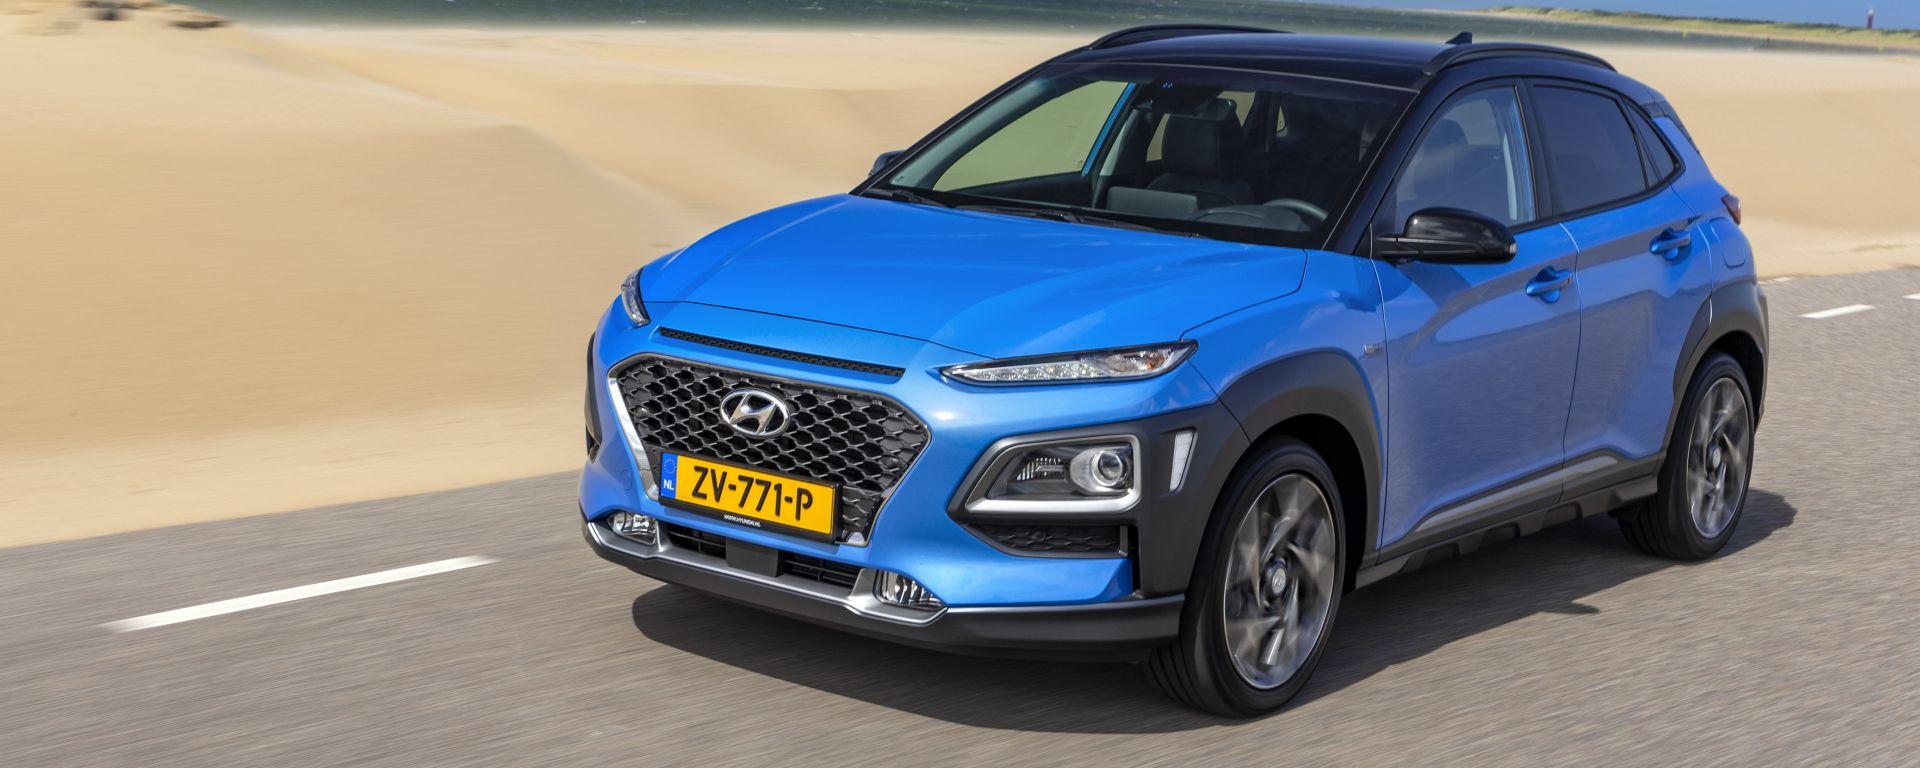 Nuova Hyundai Kona Hybrid 2019: la prova [VIDEO] del SUV ibrido